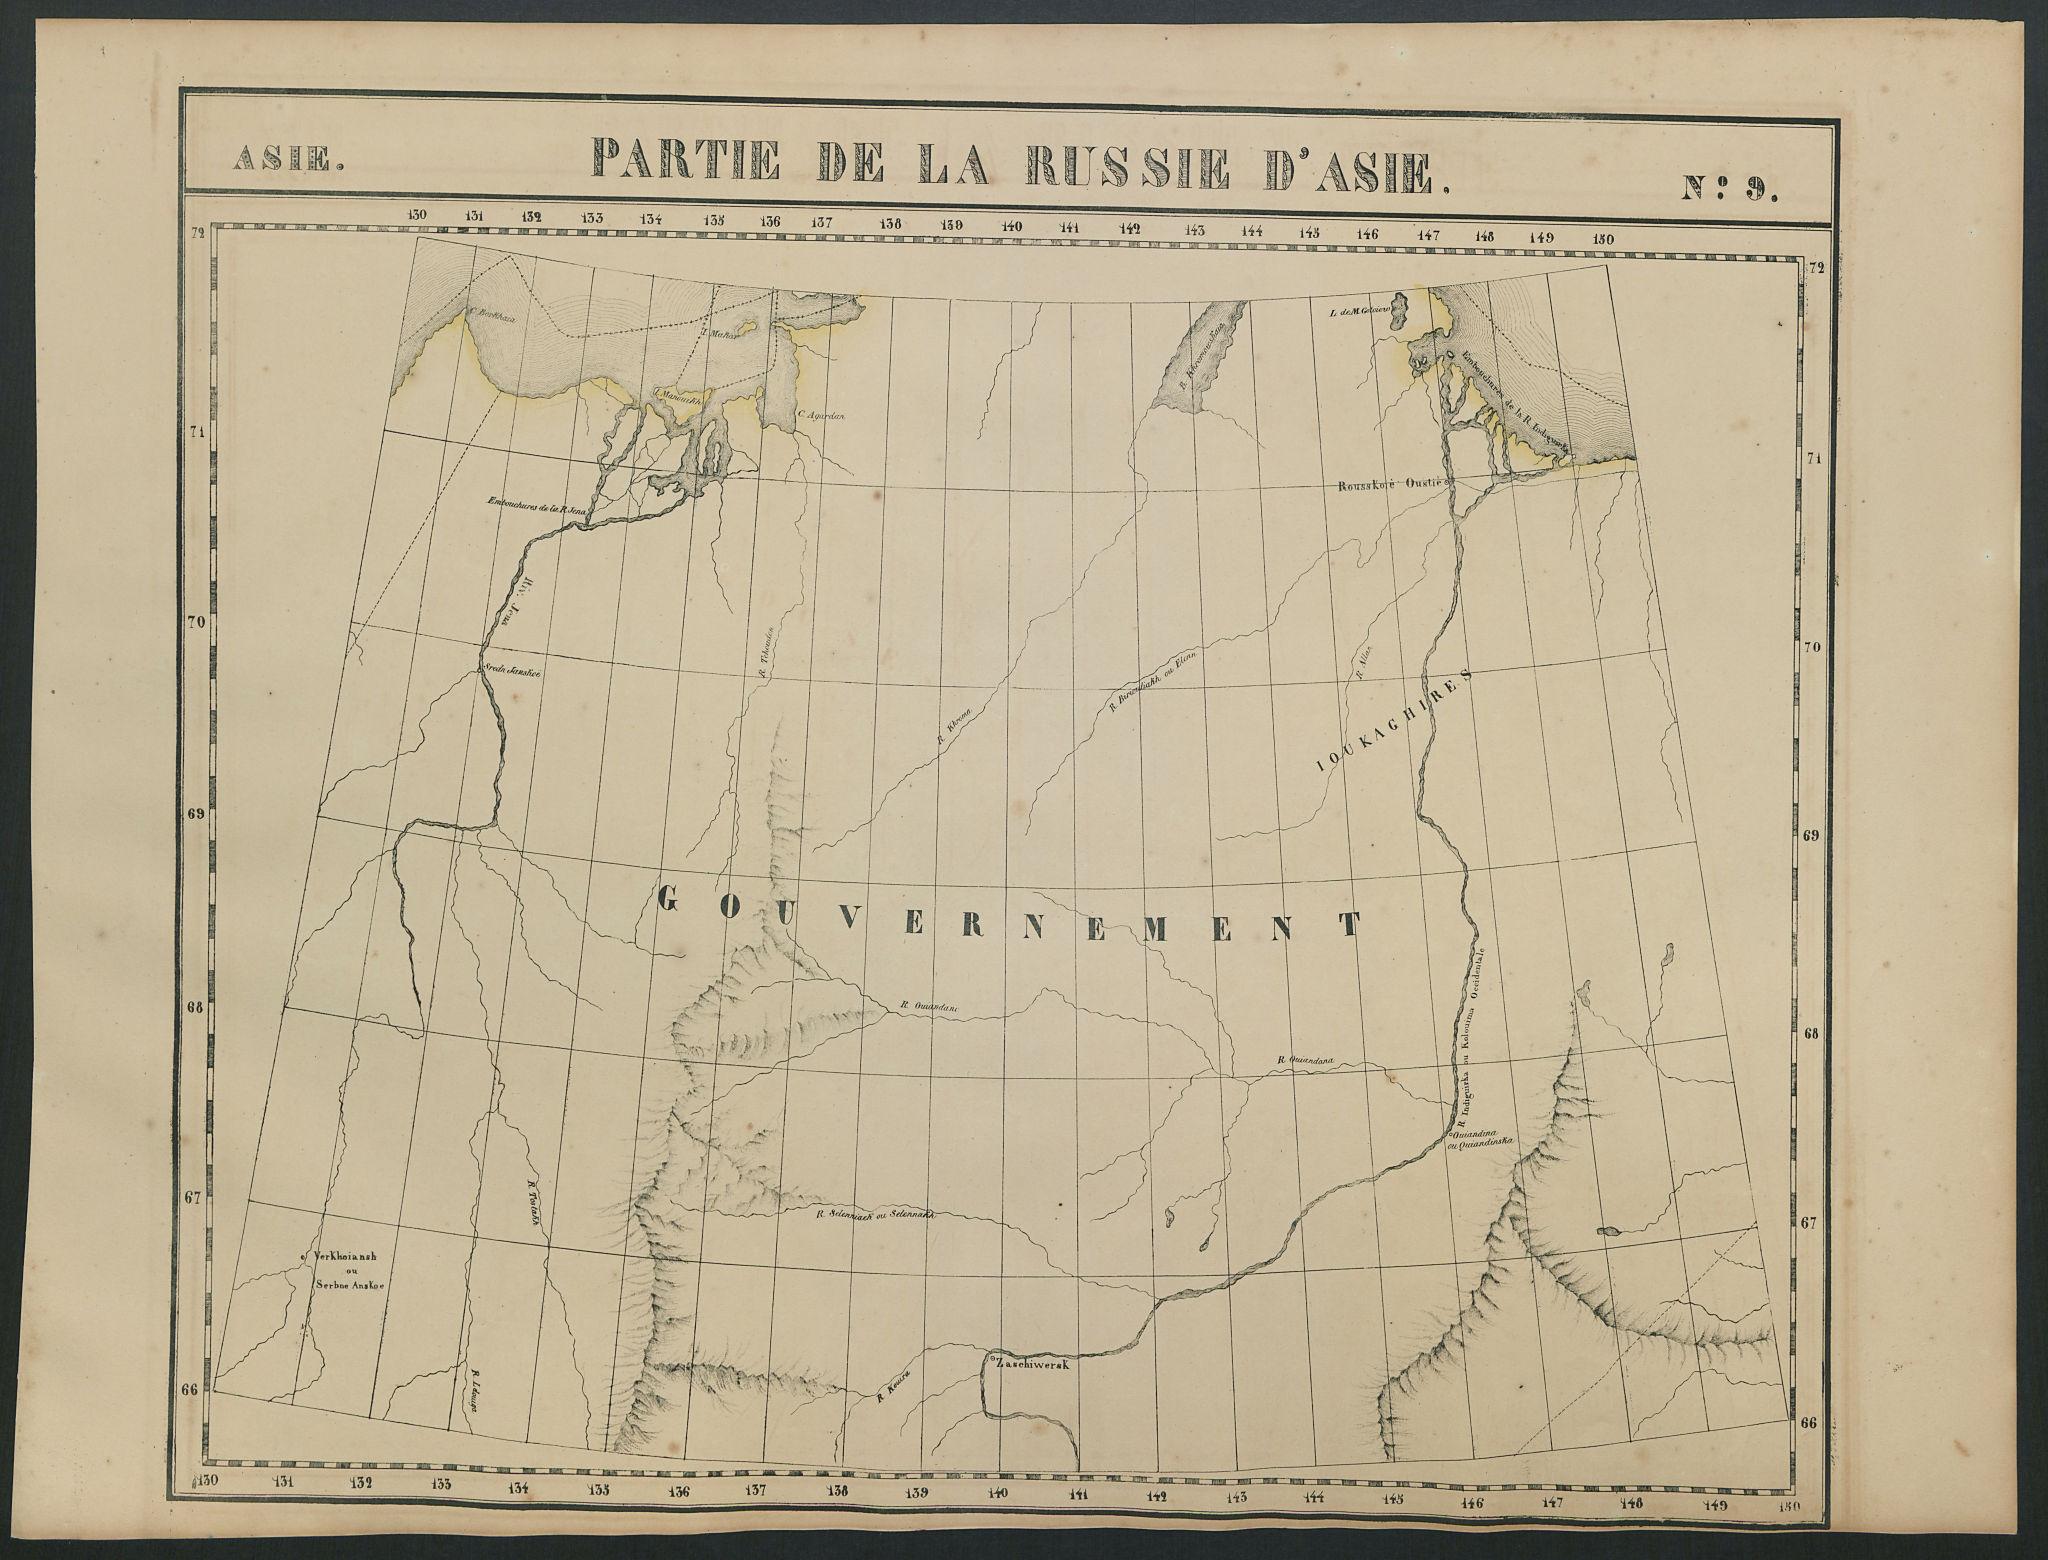 Russie d'Asie #9. Indigirka & Yana riverS. Sakha Russia. VANDERMAELEN 1827 map